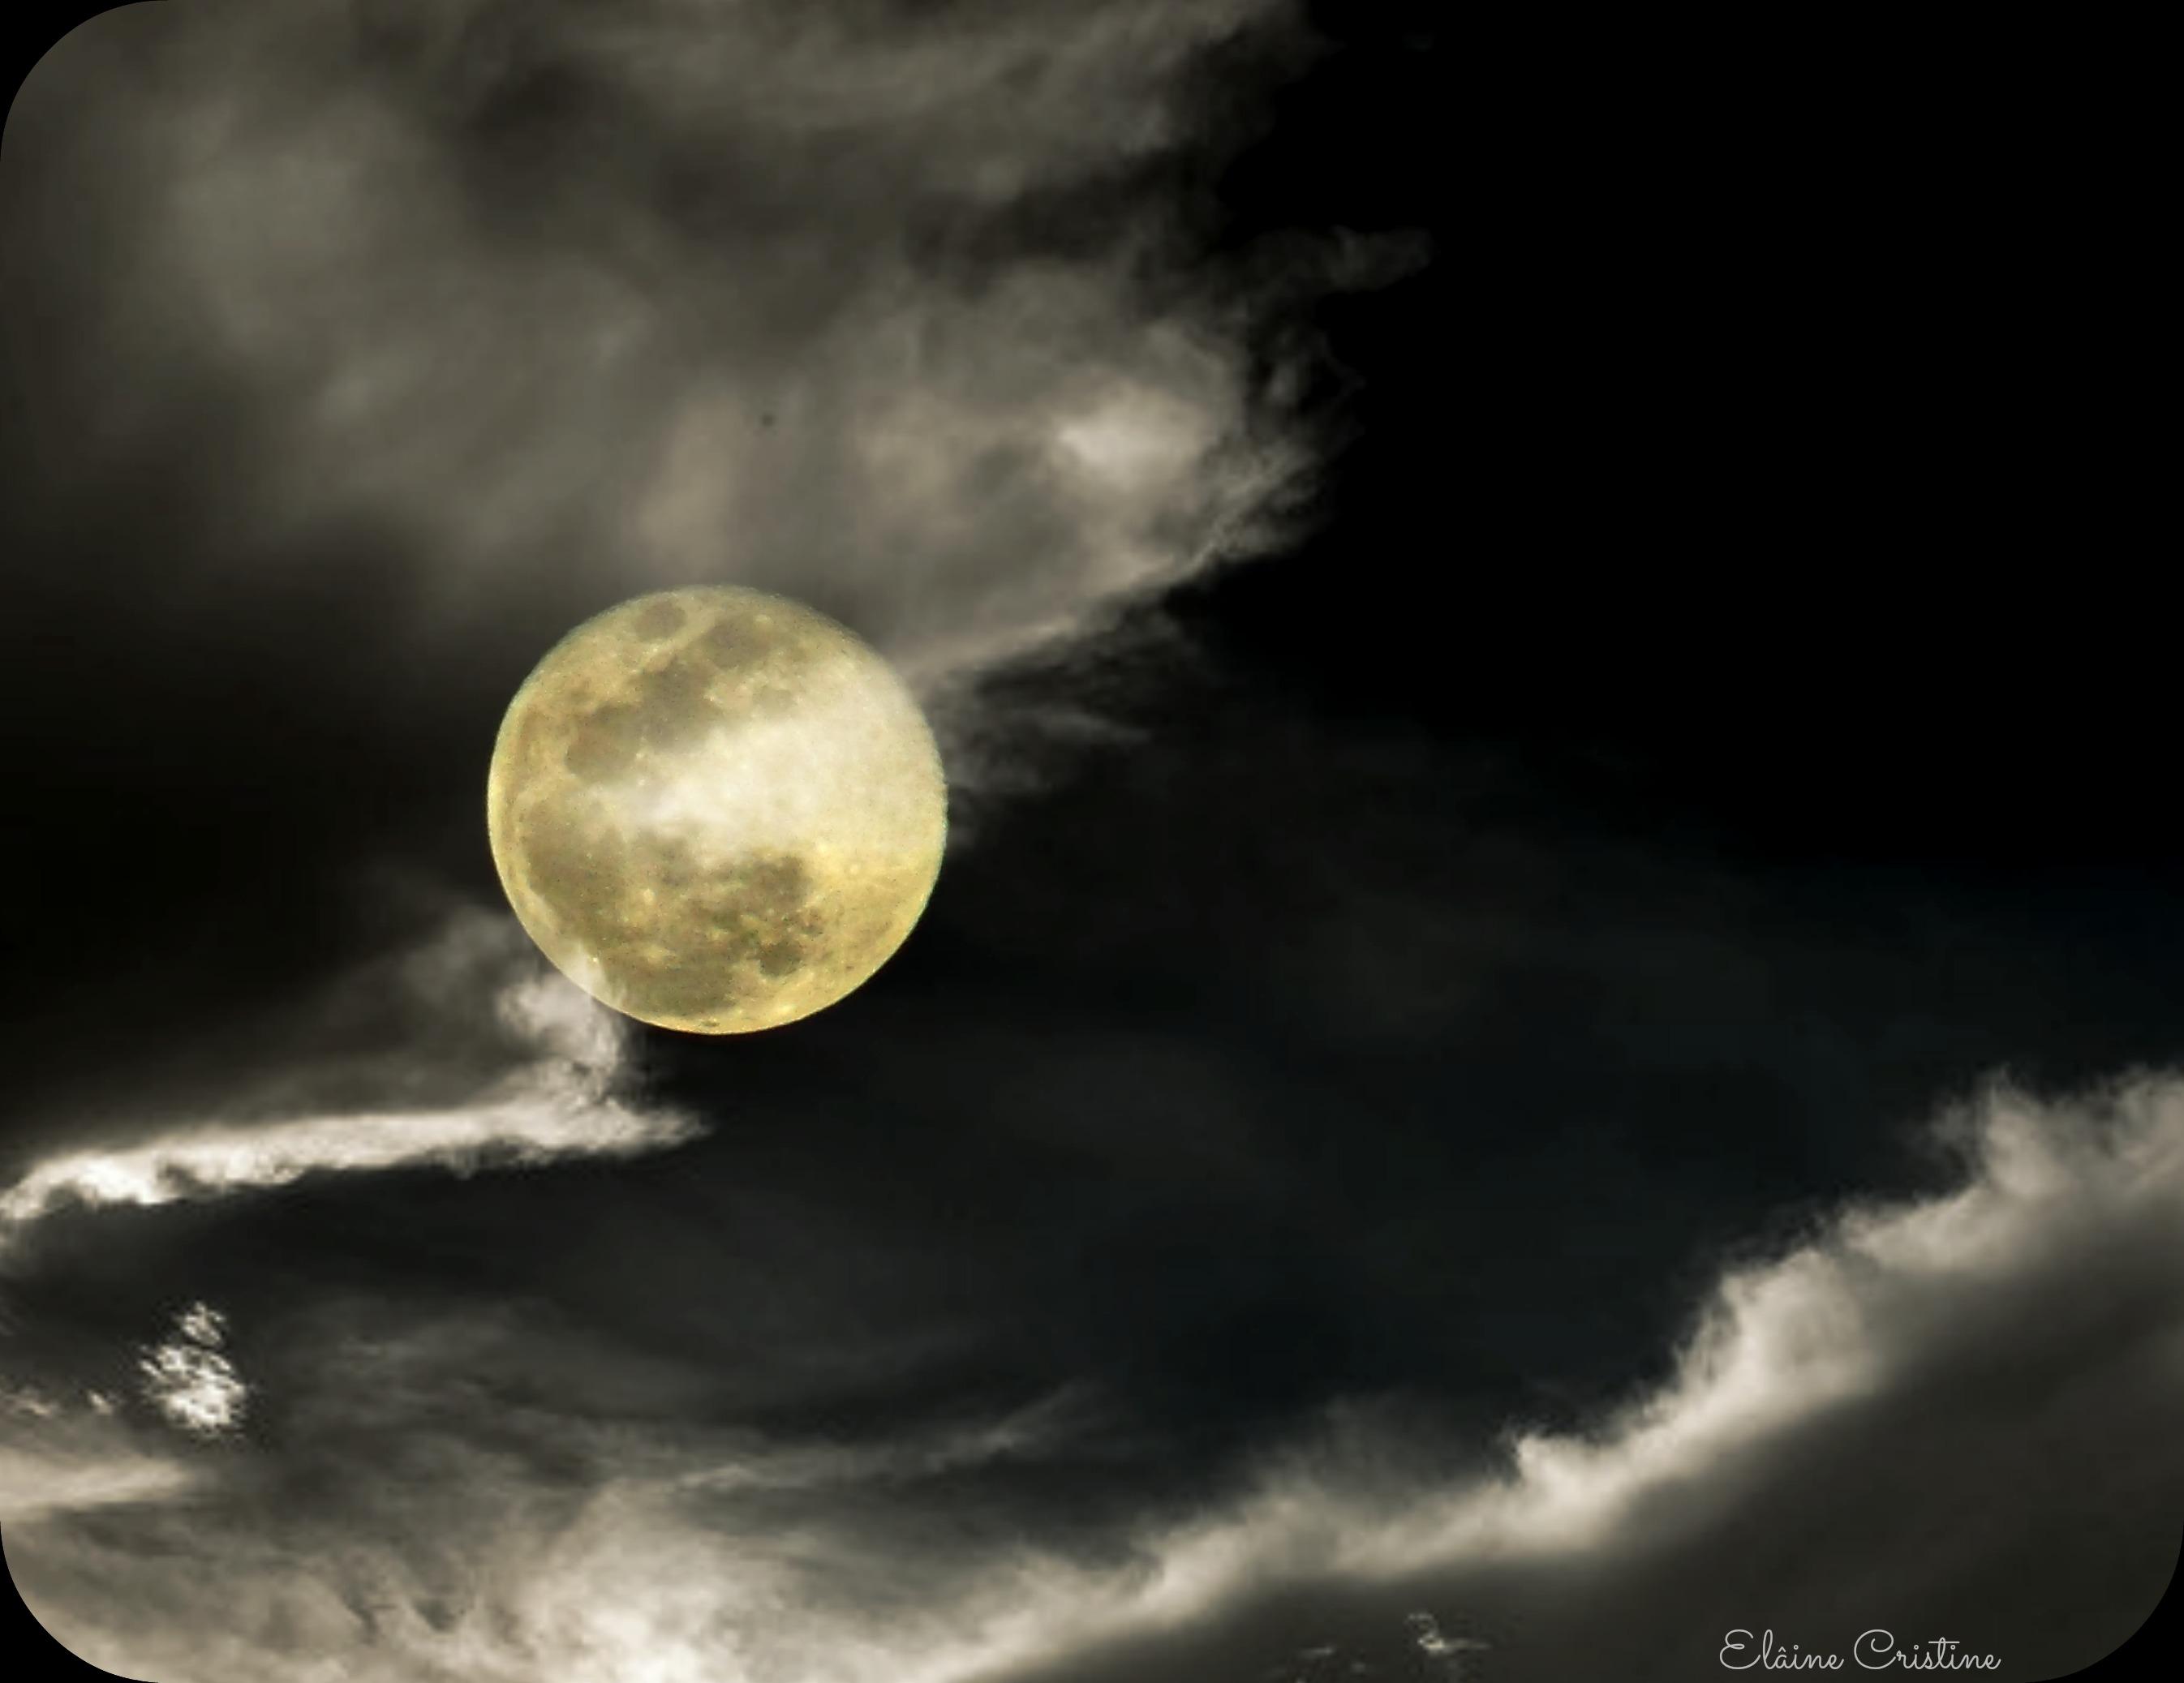 Hintergrundbilder : Nacht-, Planet, Natur, Liebe, Himmel, Fotografie ...